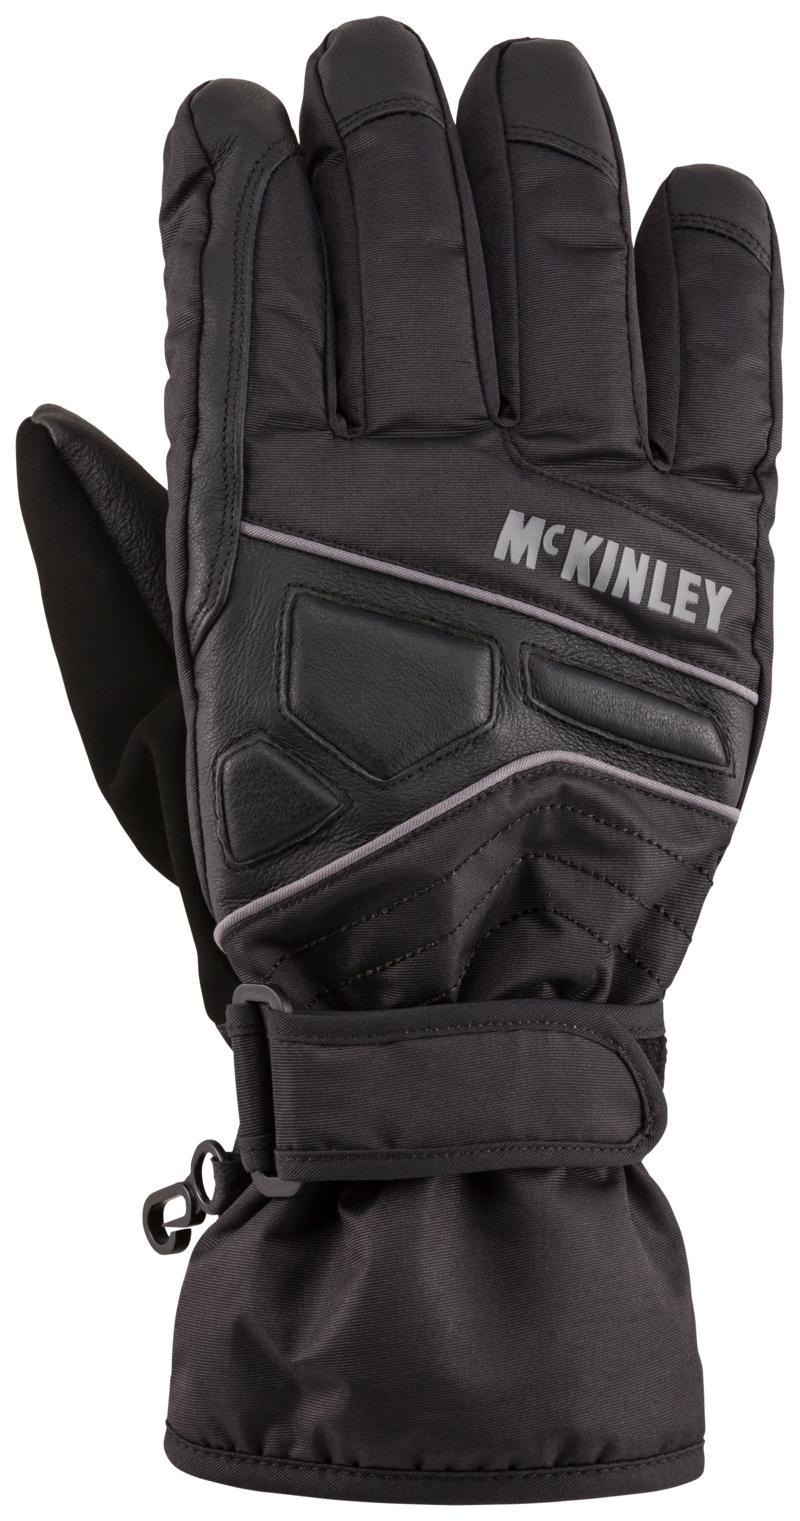 McKinley MORRELLO  UX, rukavice za skijanje, crna